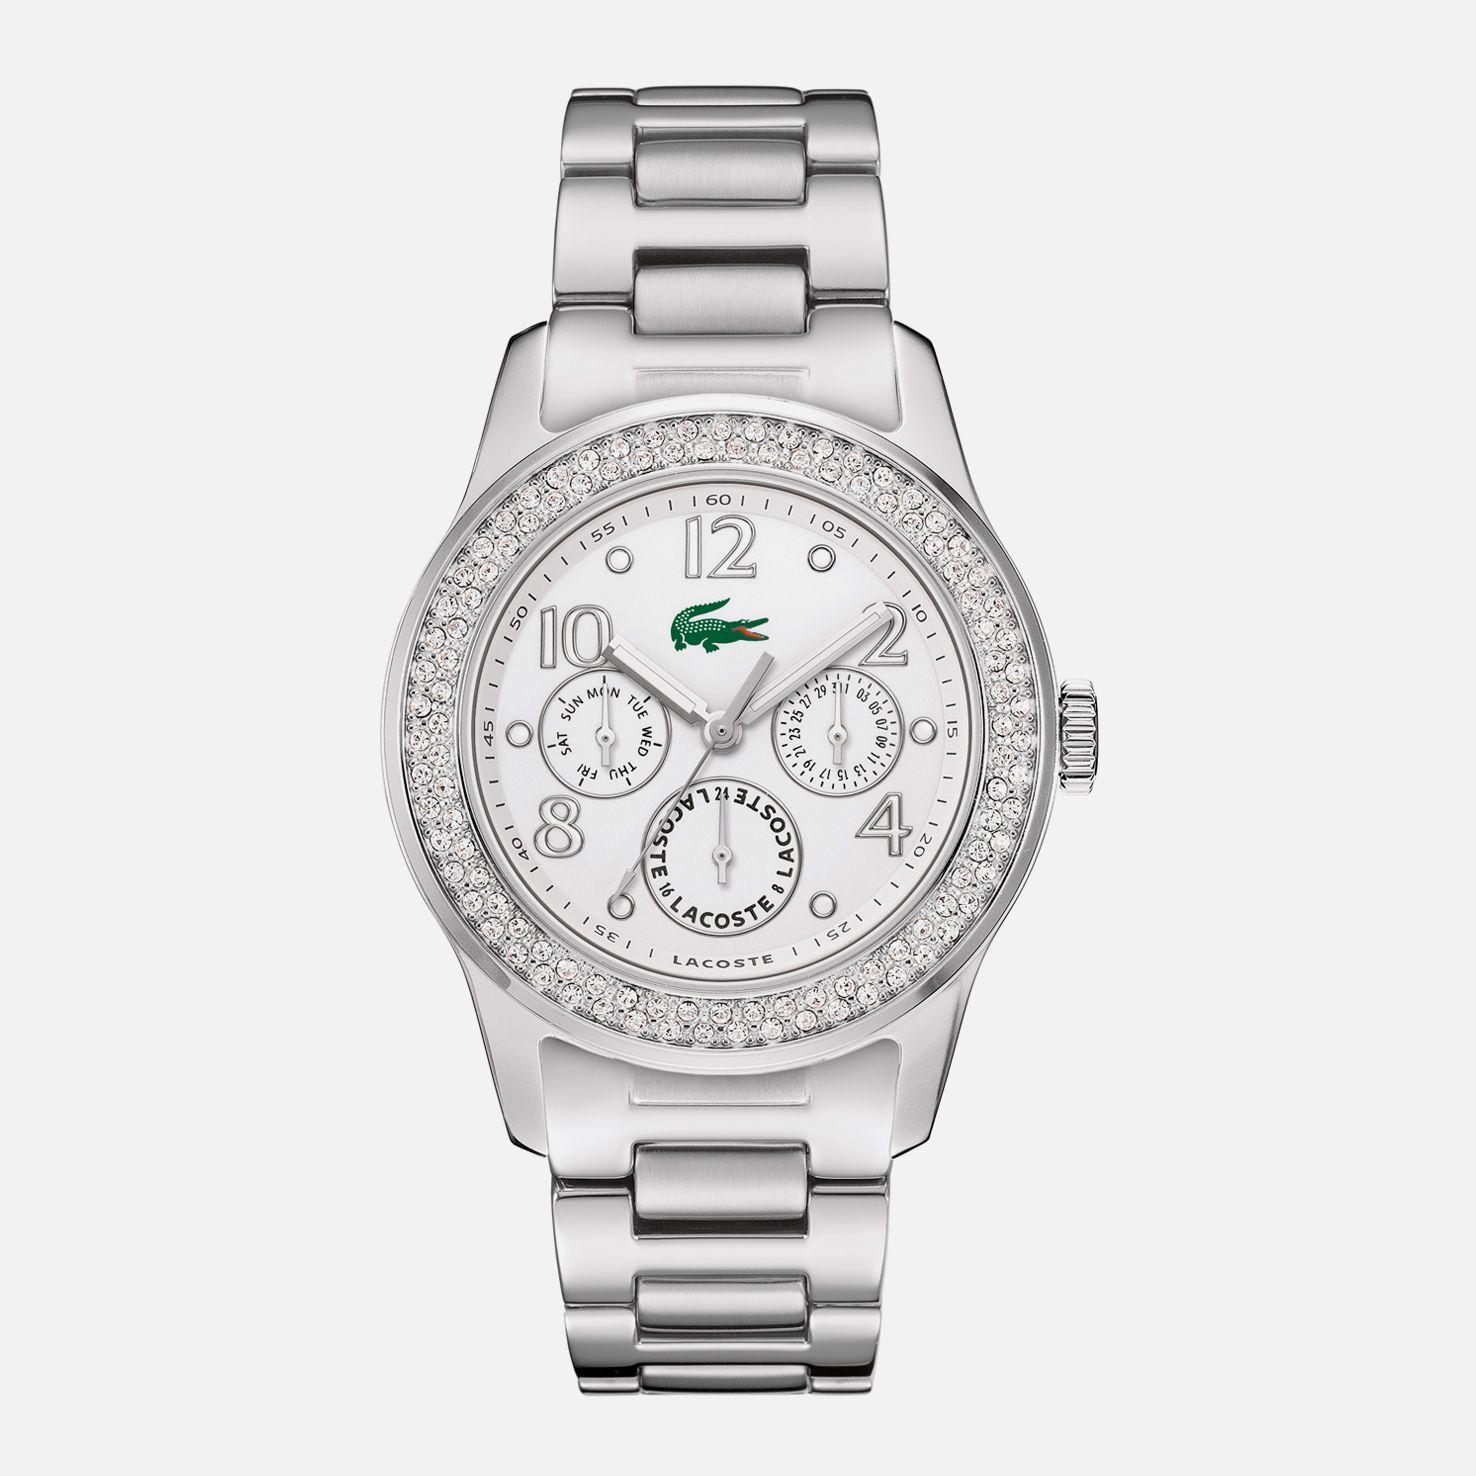 805b16c52d Montre Lacoste multifonction bracelet acier - Femme - 245.00 ...